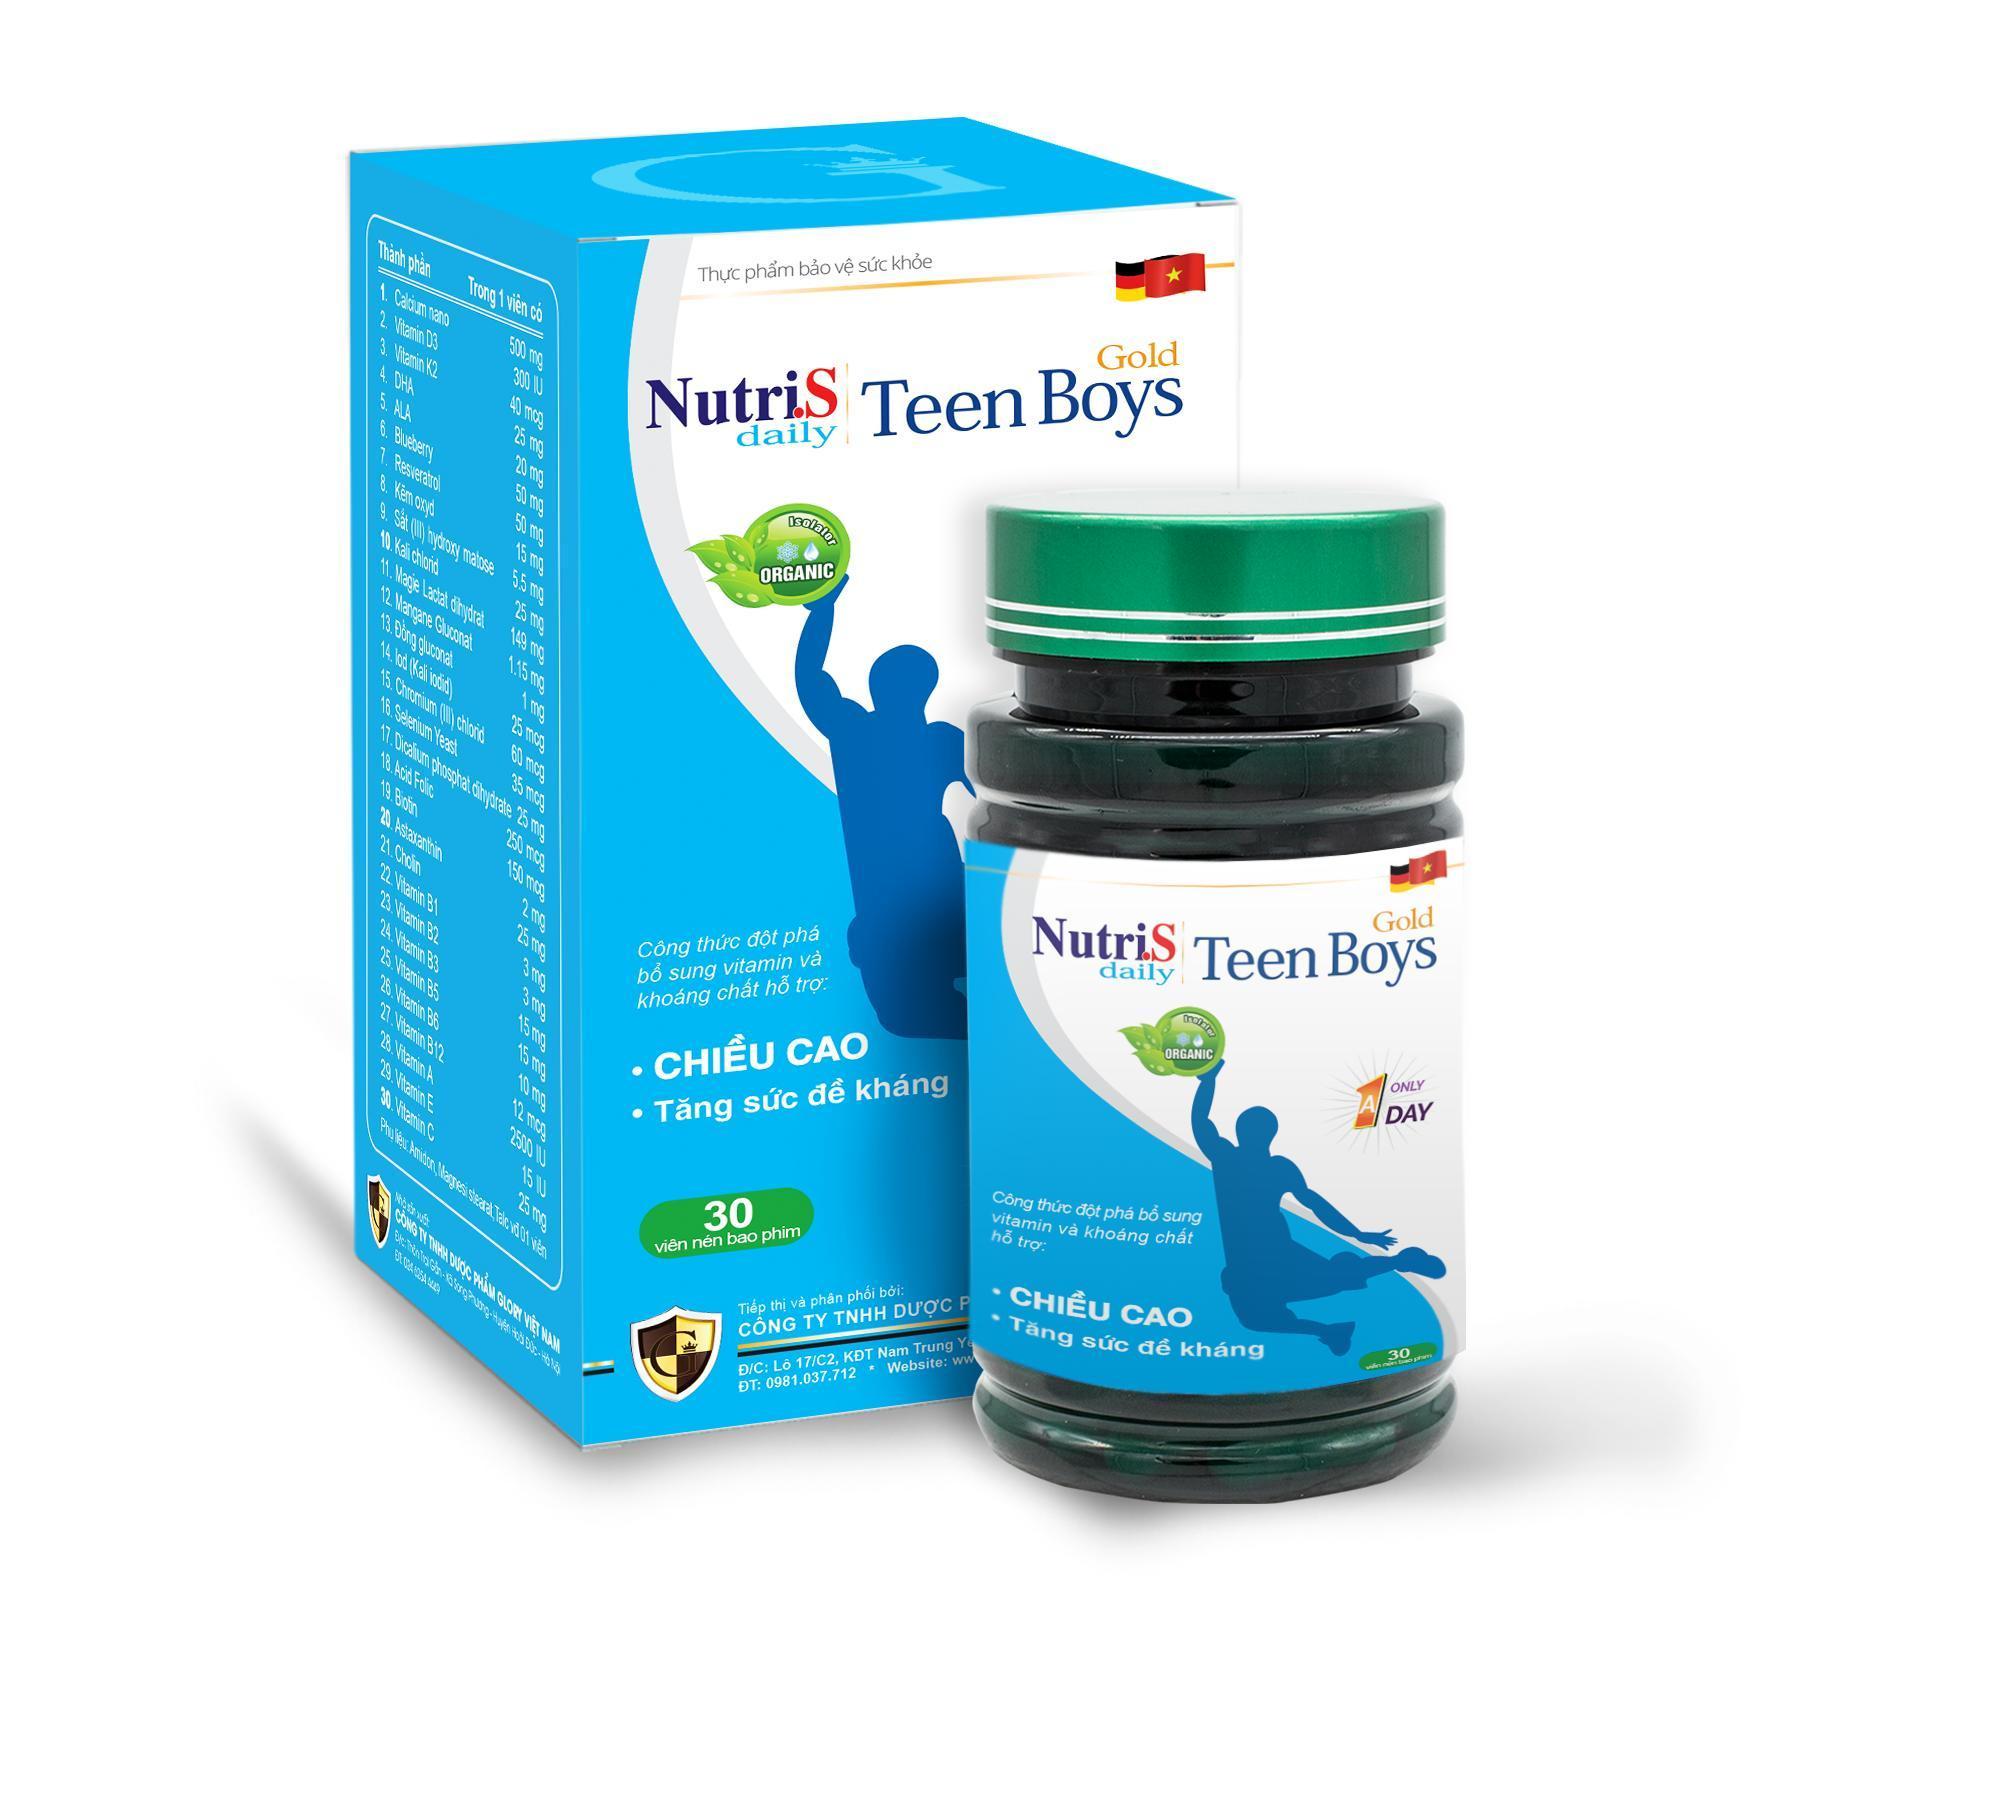 Thực phẩm chức năng tăng cường chiều cao cho trẻ Nutri.S Daily Teen Boys Gold - 1 hộp x 30 viên cao cấp